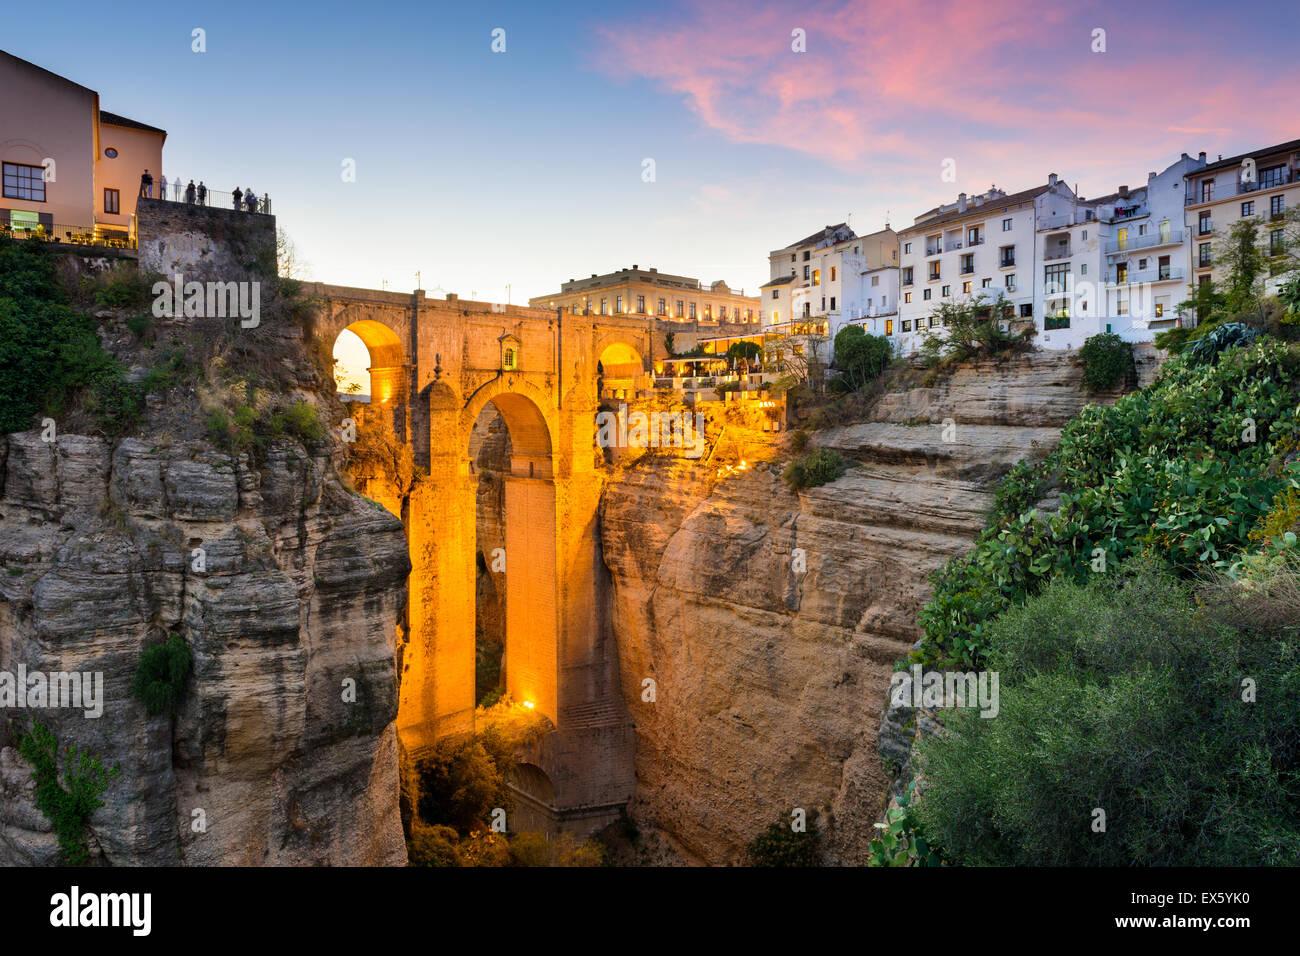 Ronda, España en el Puente Nuevo Puente sobre el Tajo Gorge. Imagen De Stock